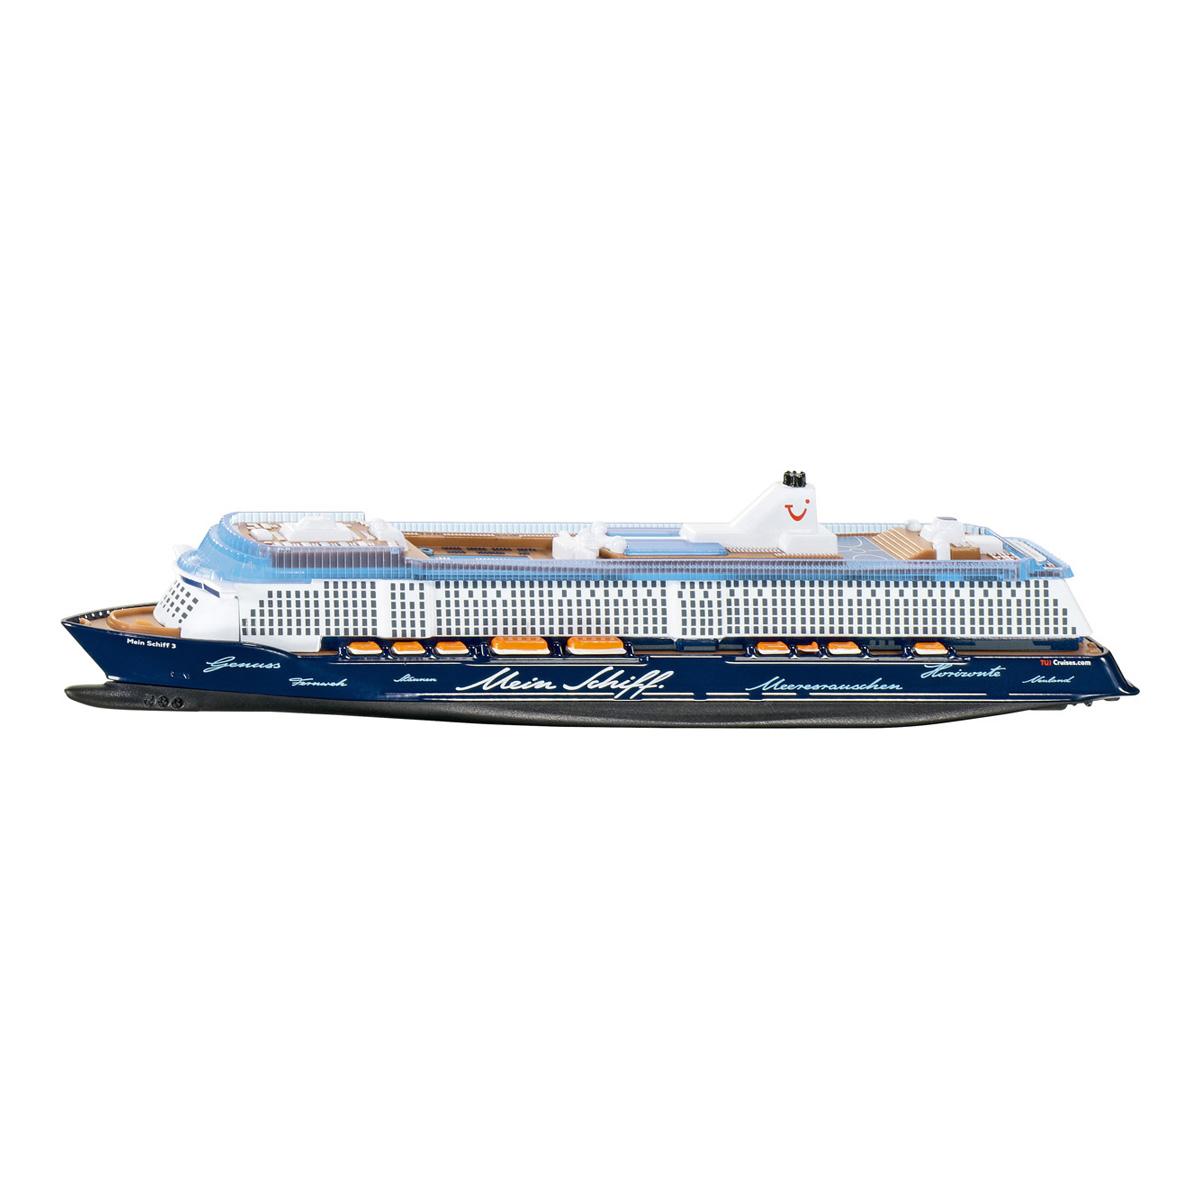 クルーズ客船 Mein Schiff3 1/1400(ジク・SIKU)